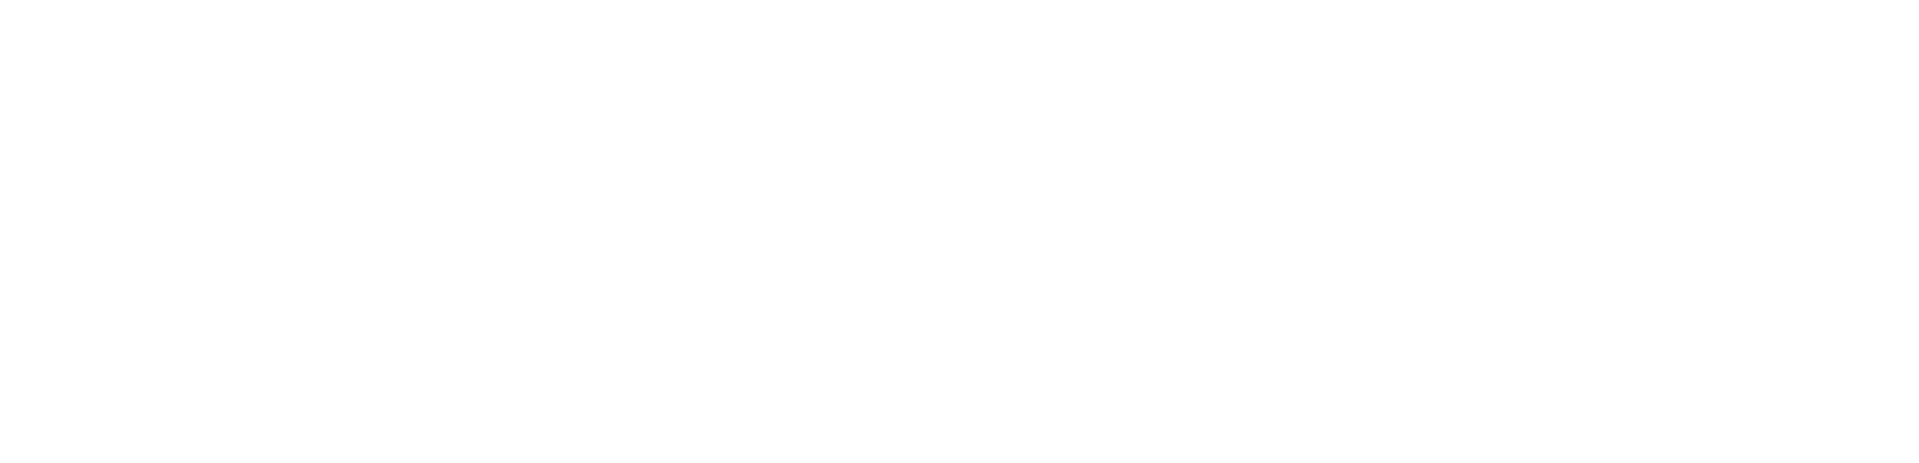 Logo - Osnovna škola dr. Jure Turića